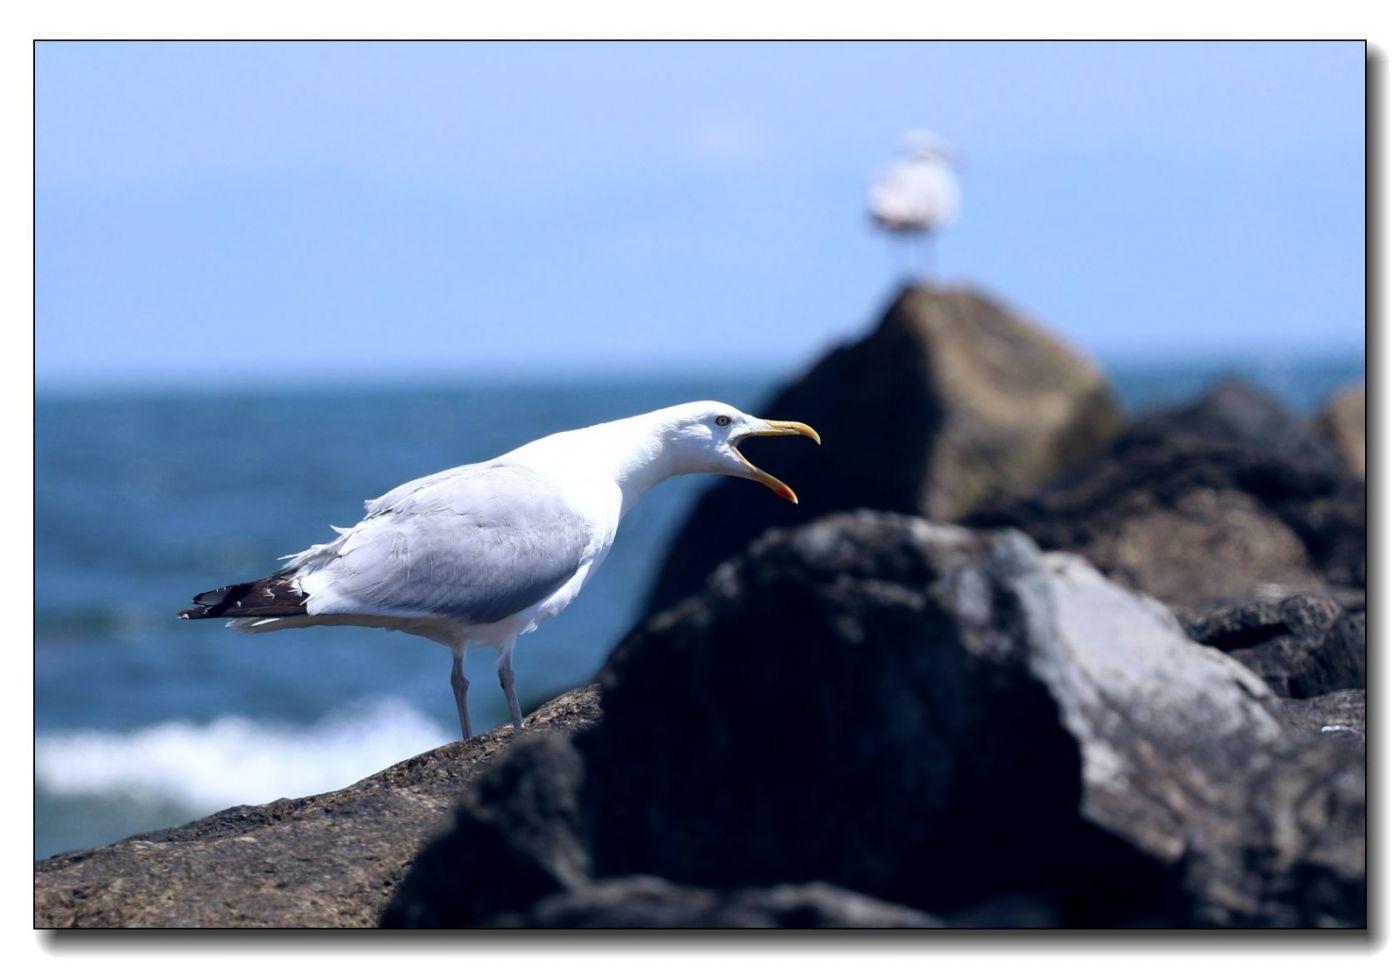 洛克威海滩拍鸟-银鸥_图1-9